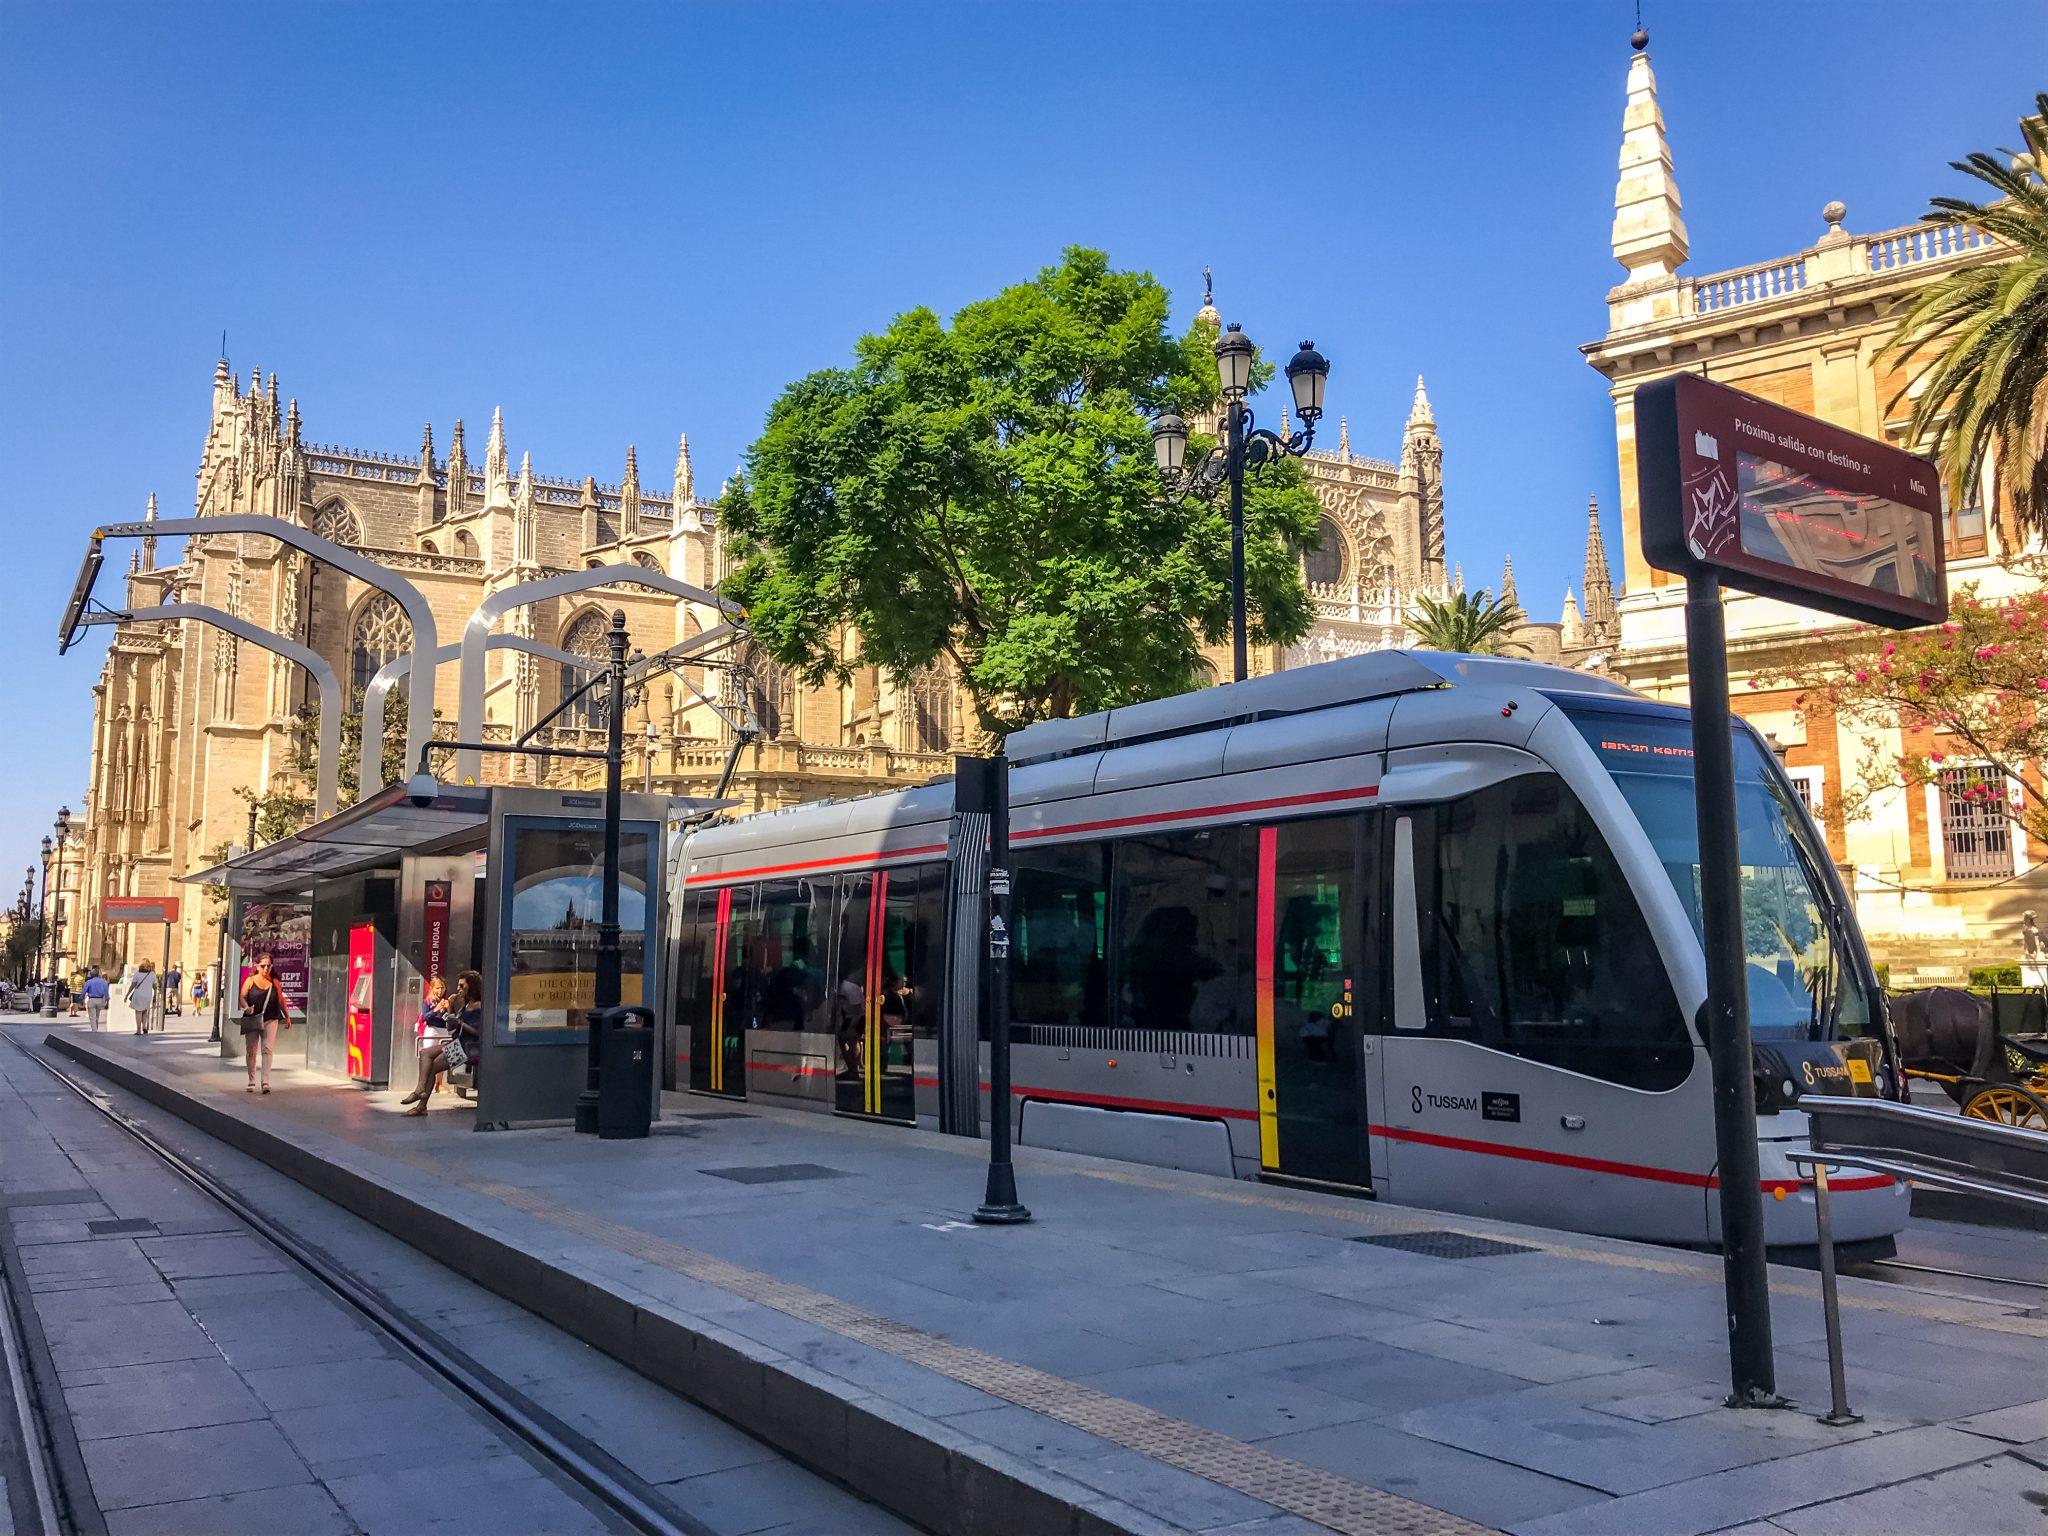 Die Tram in Sevilla hält direkt vor einer der größten Kathedralen der Welt.